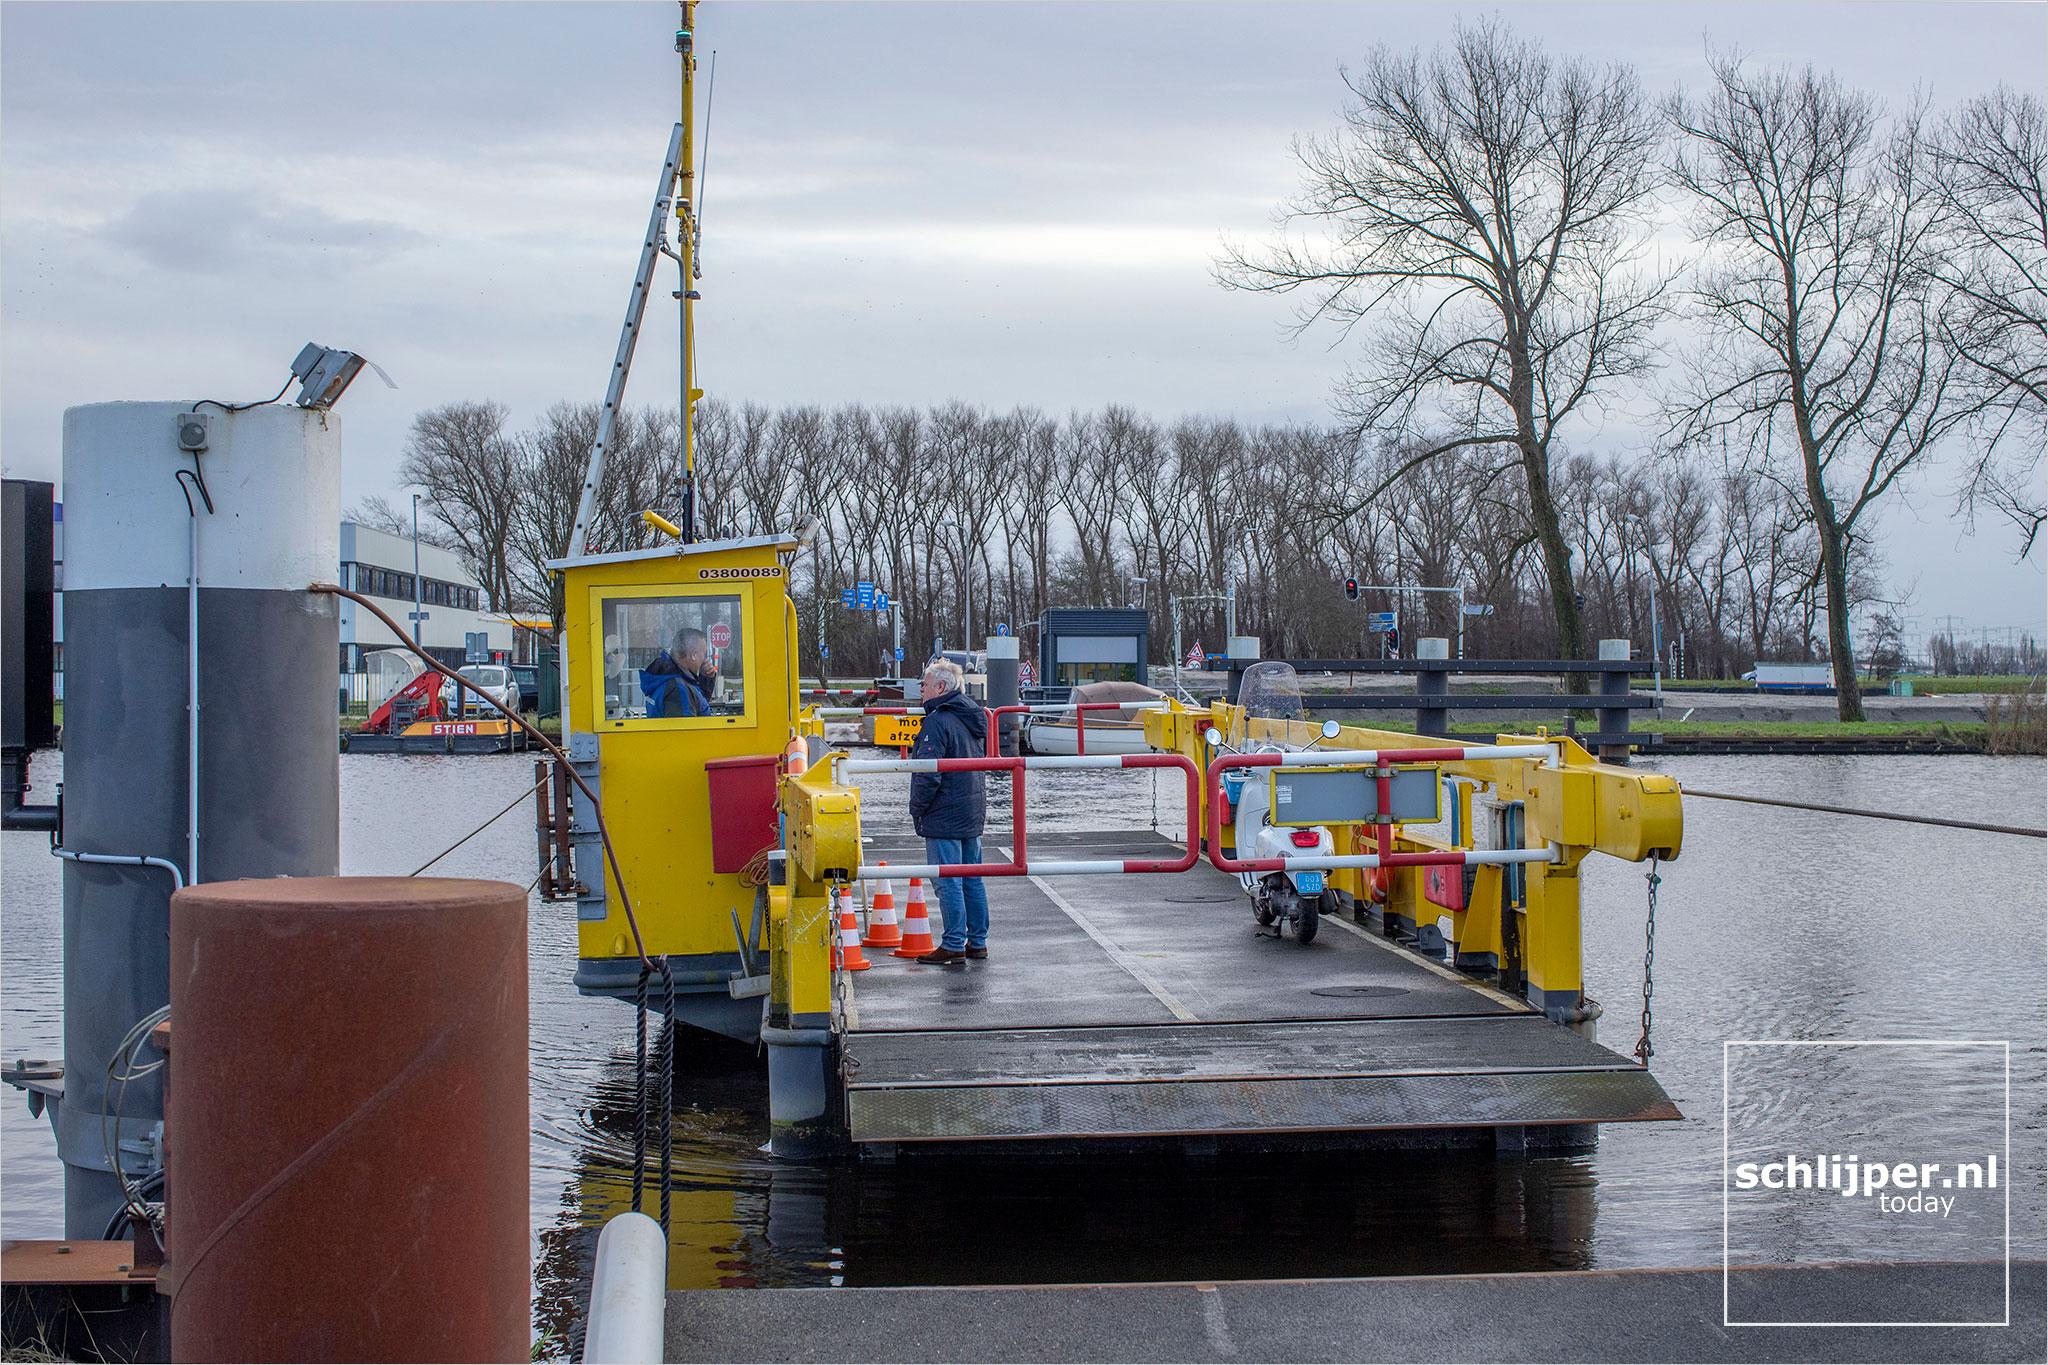 The Netherlands, Landsmeer, 24 december 2020